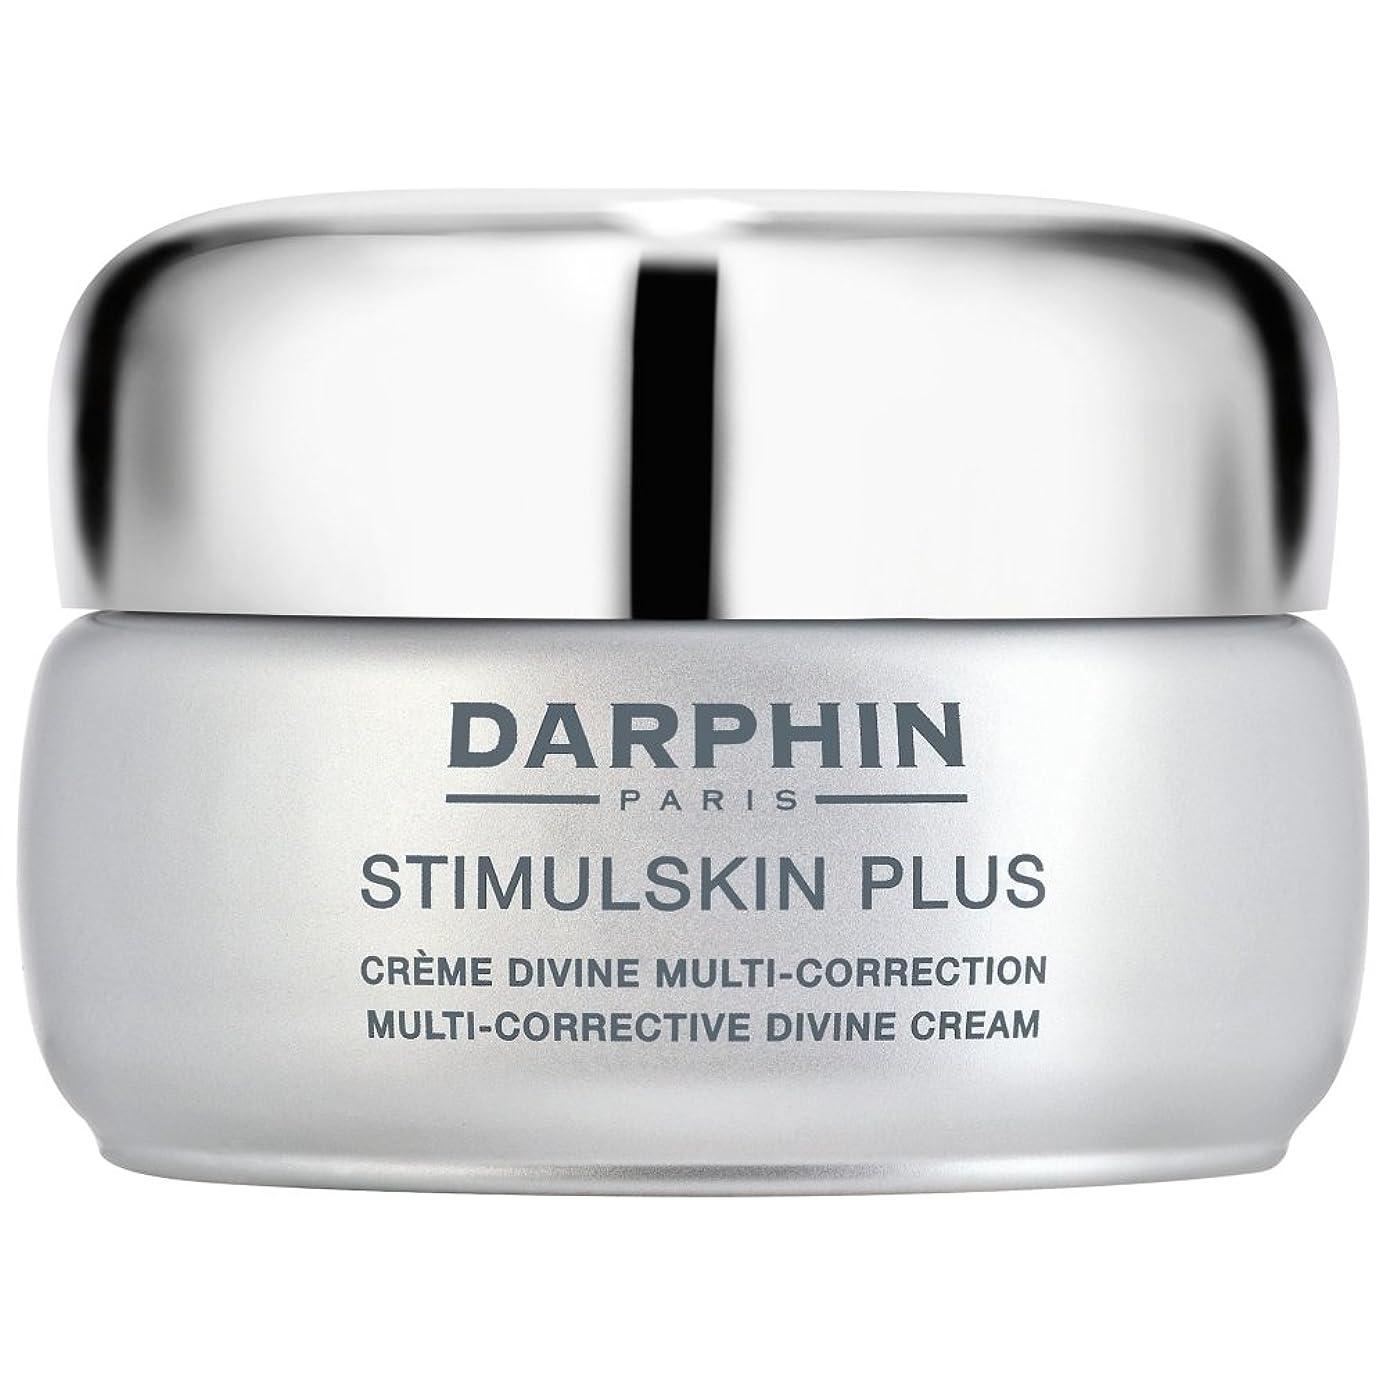 内陸ブリーク受取人スティプラスマルチ是正神のクリームダルファン、50ミリリットル (Darphin) - Darphin Stimulskin Plus Multi-Corrective Divine Cream, 50ml [並行輸入品]